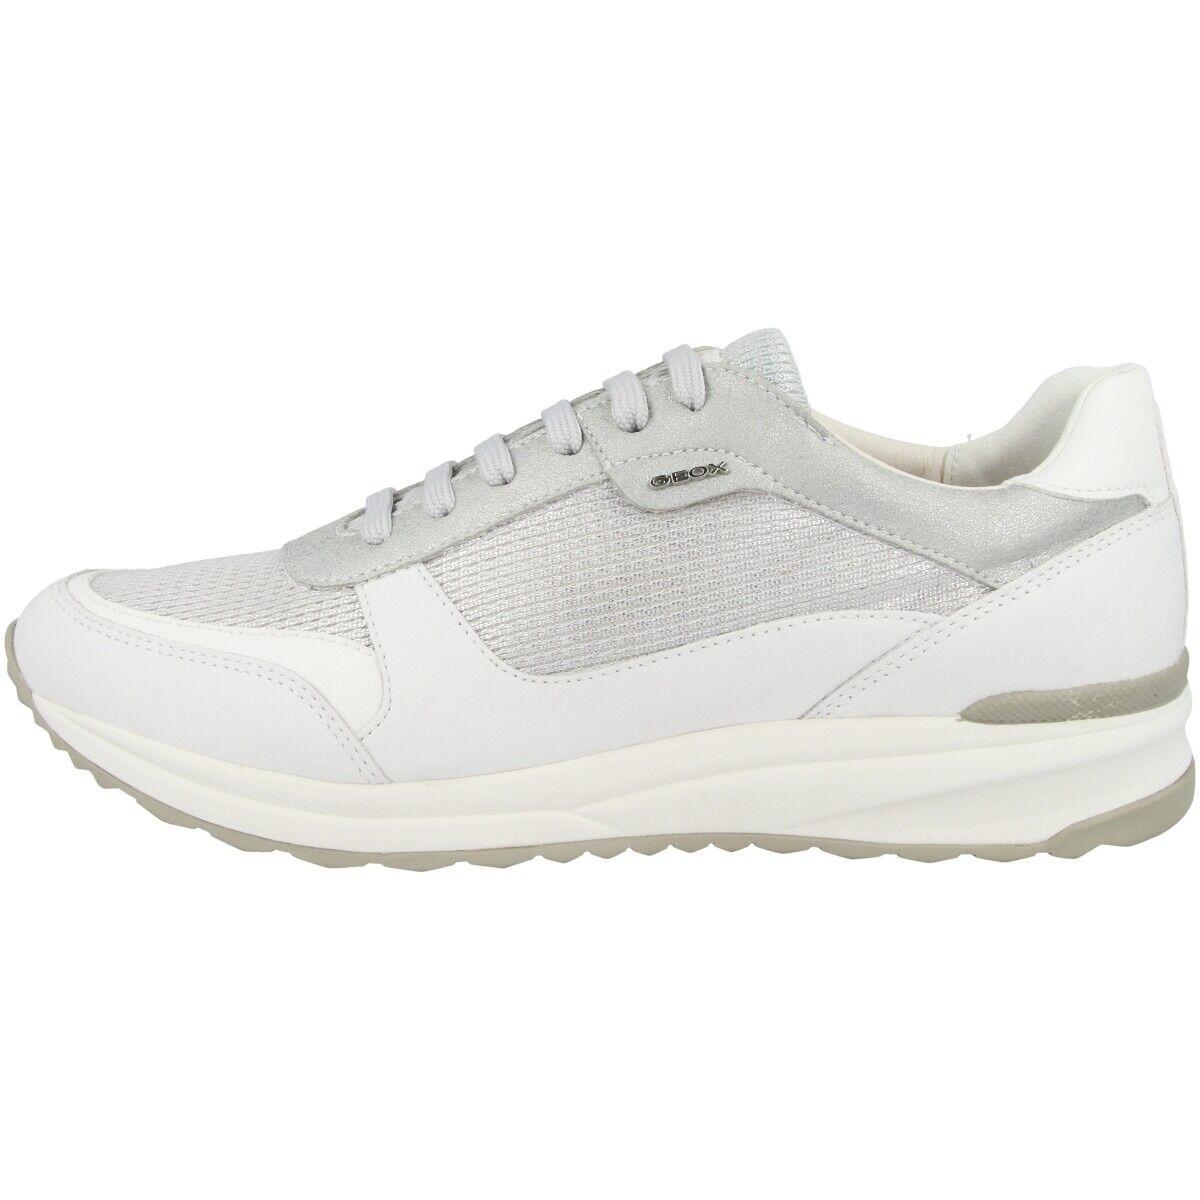 Geox D Airell C shoes women Sneaker Sport da Ginnastica silver